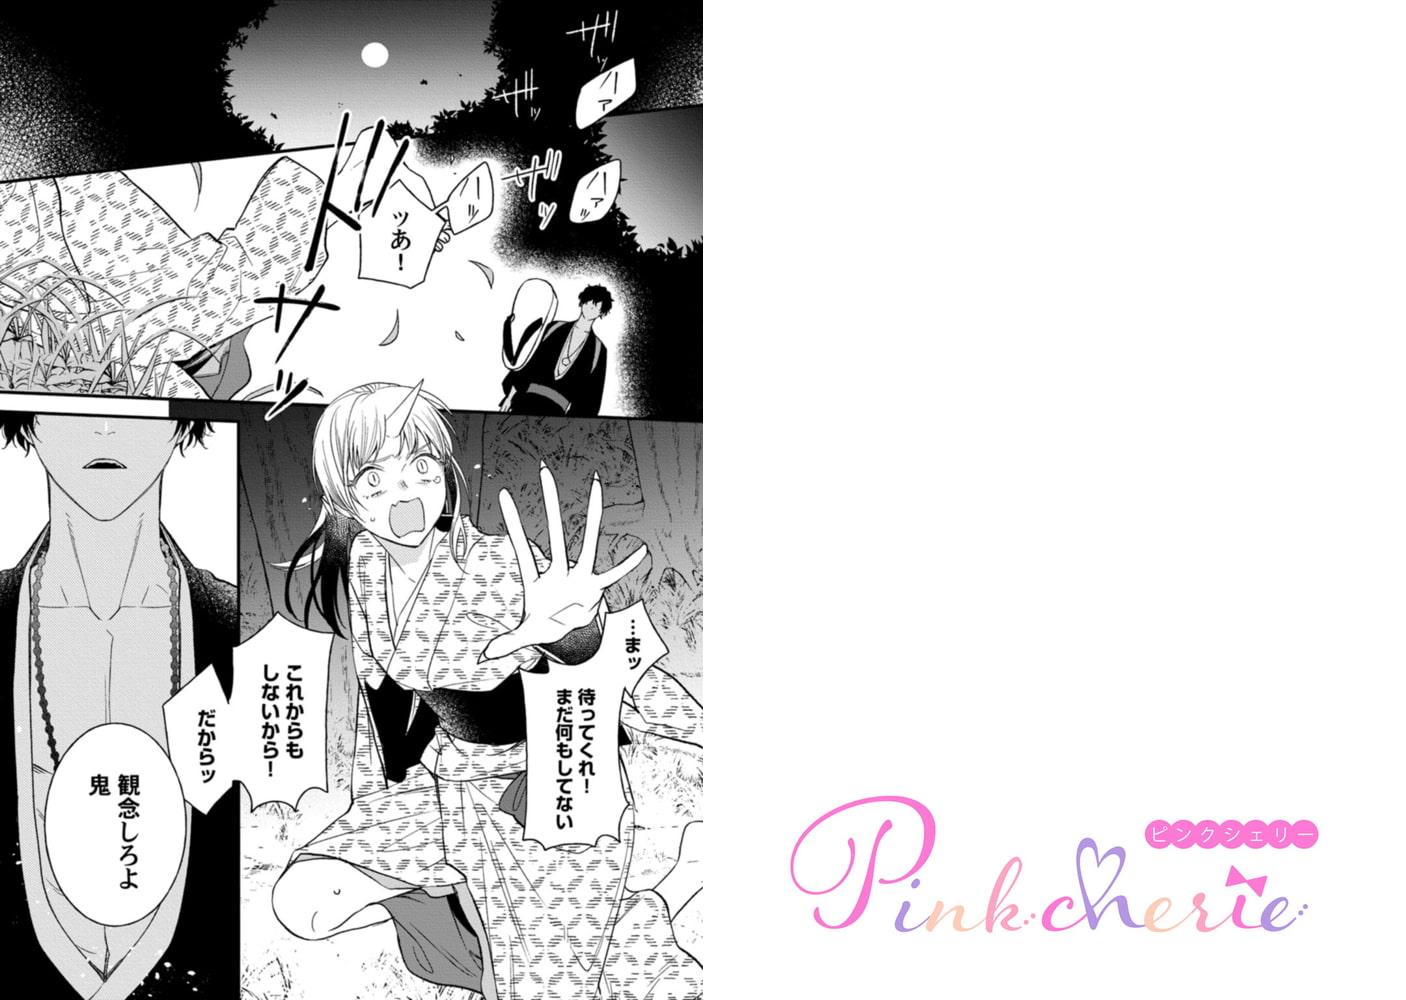 鬼さんどちら? ~好色祓い師と捕われの鬼~ Episode.1《Pinkcherie》